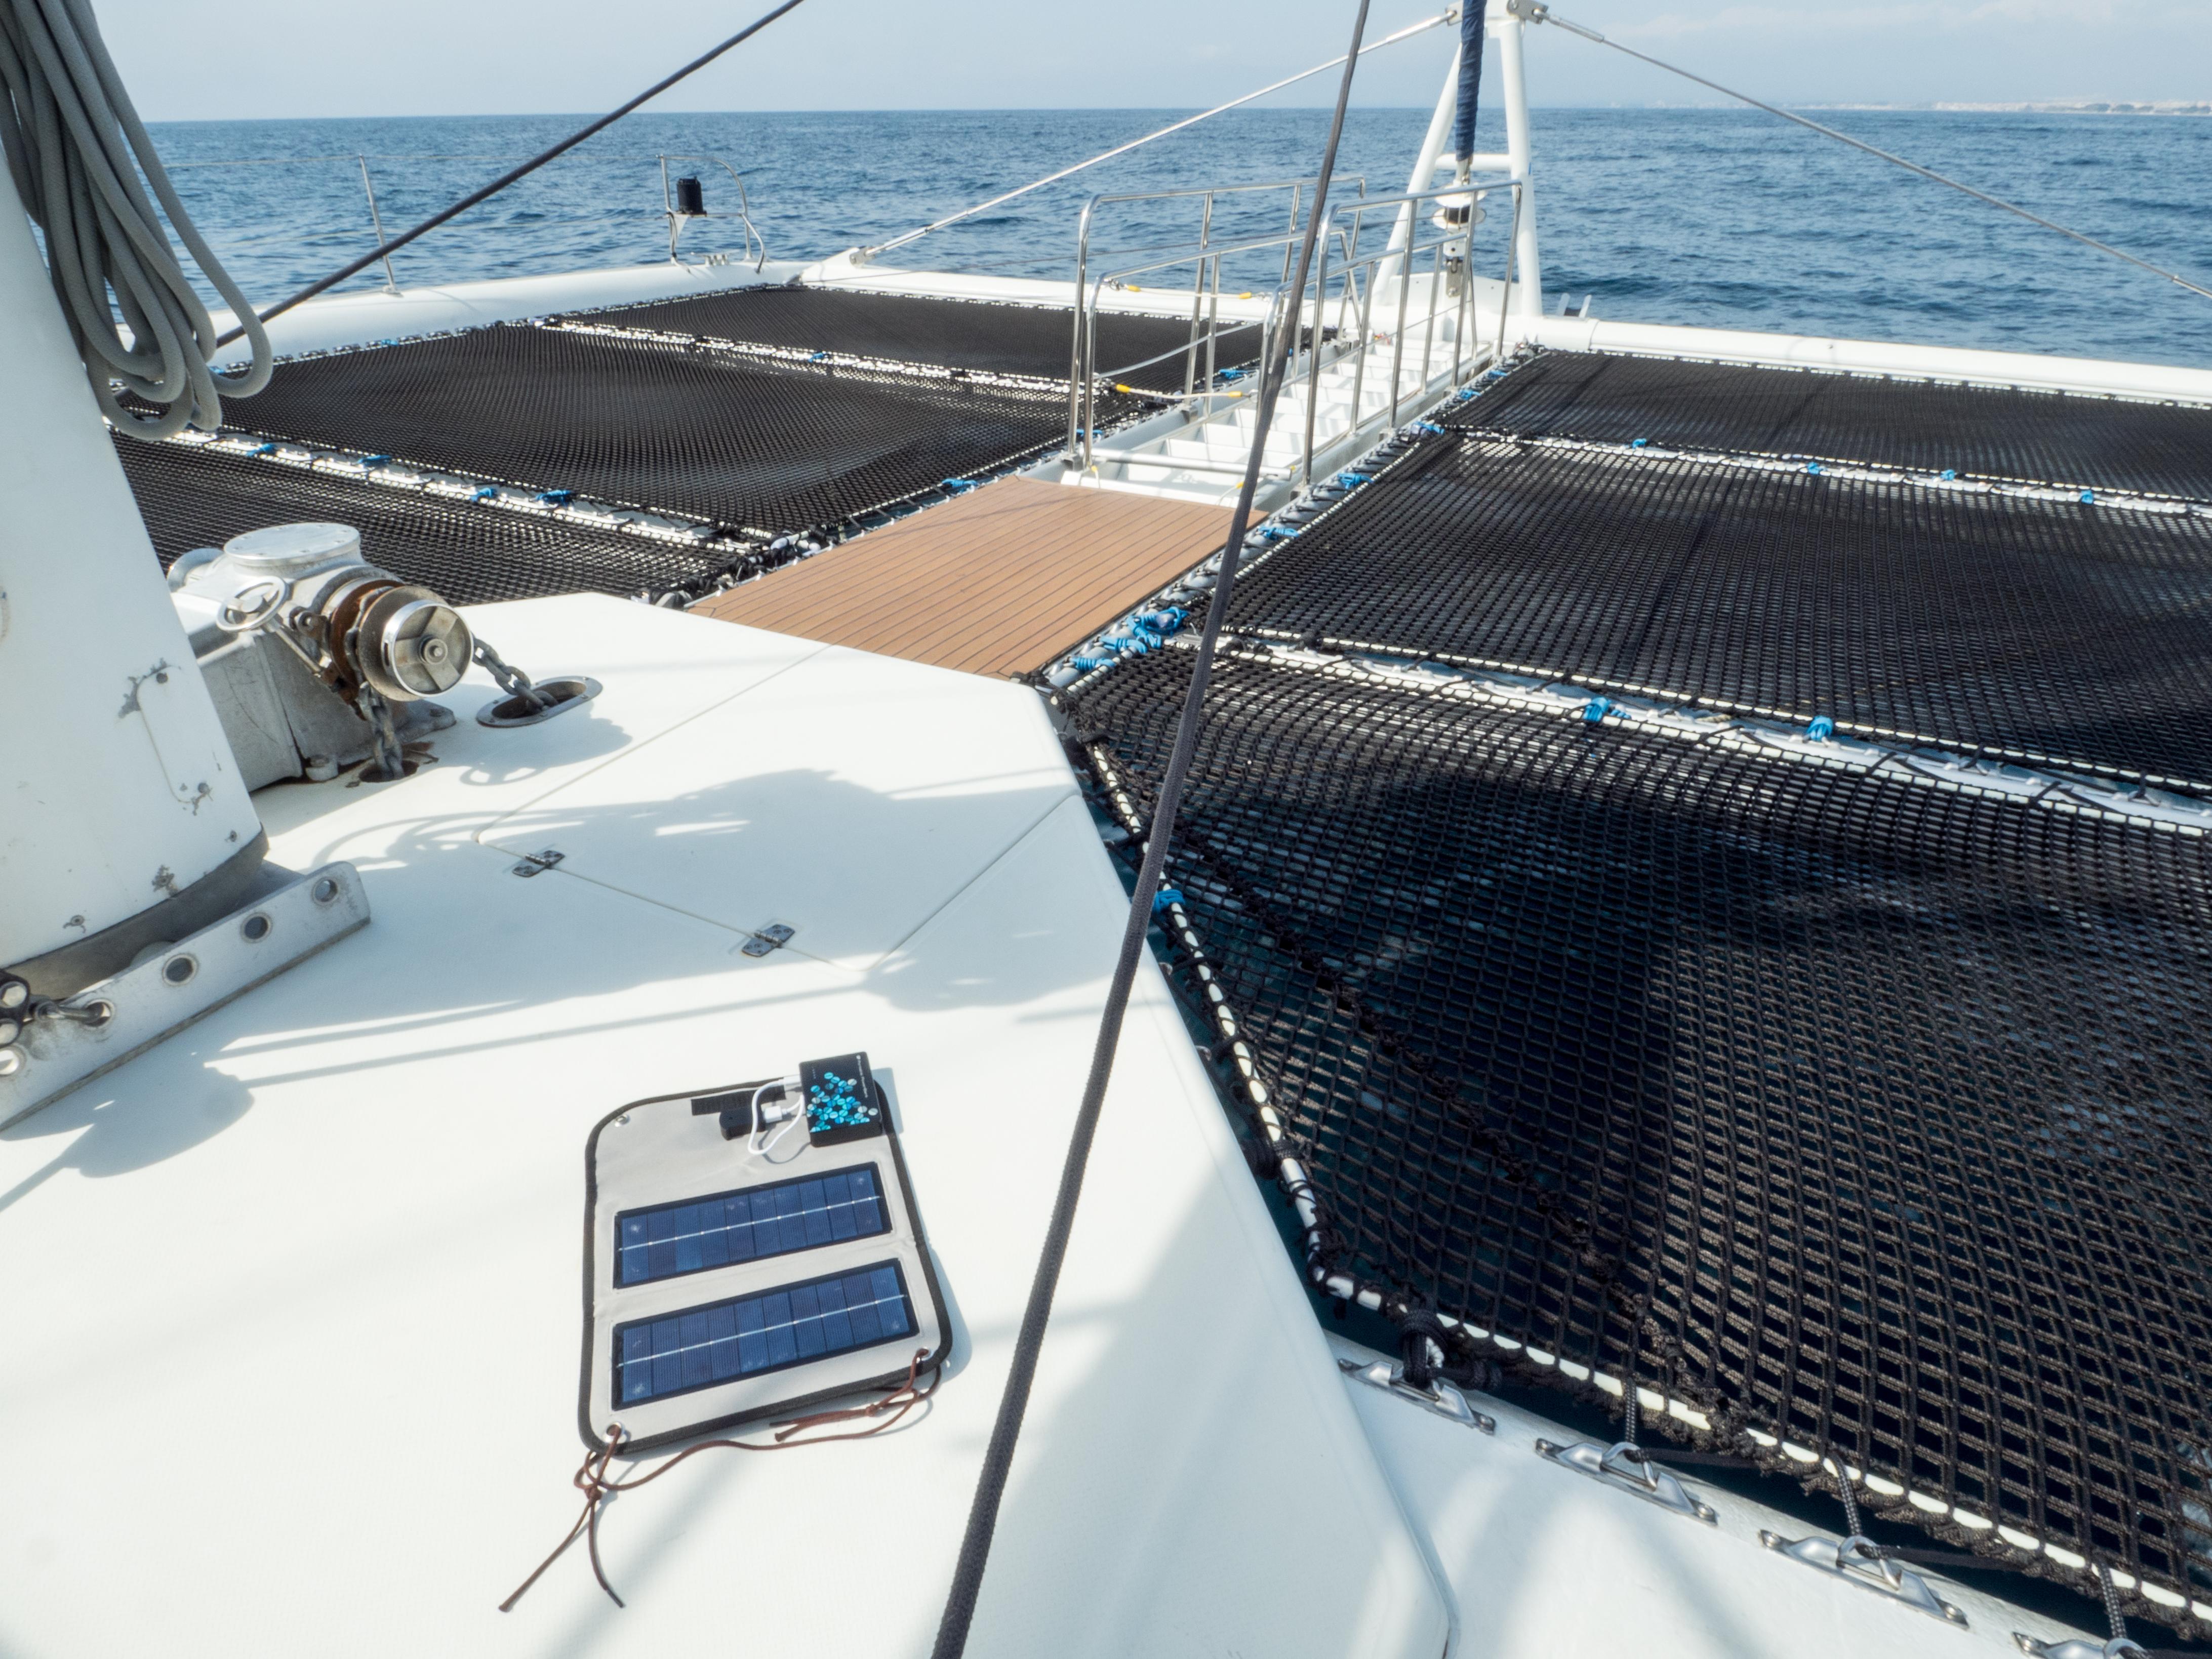 Solární panel na lodi.